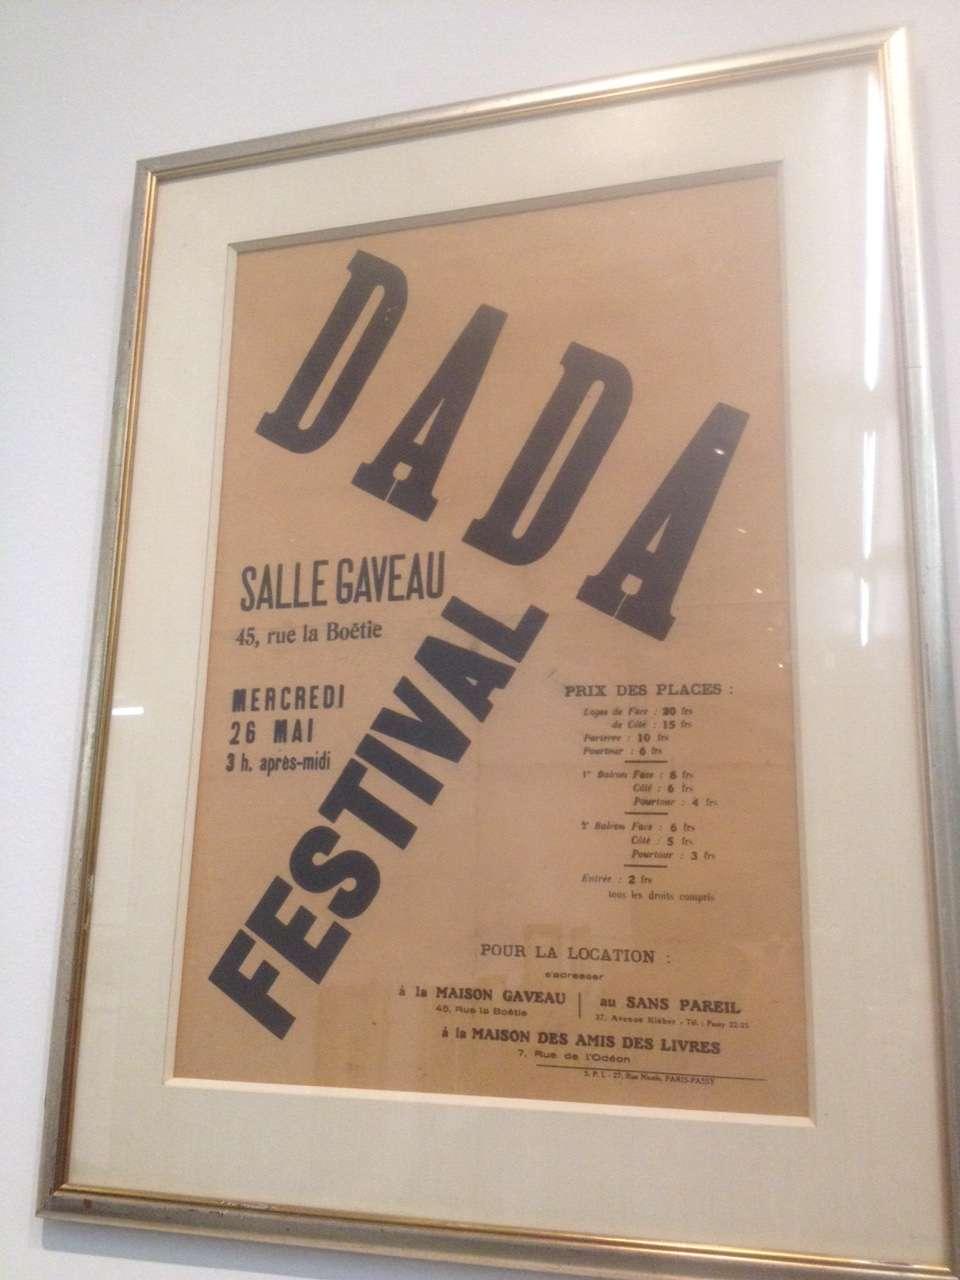 Anunt pentru un Festival Dada organizat în sala Gaveau din Paris